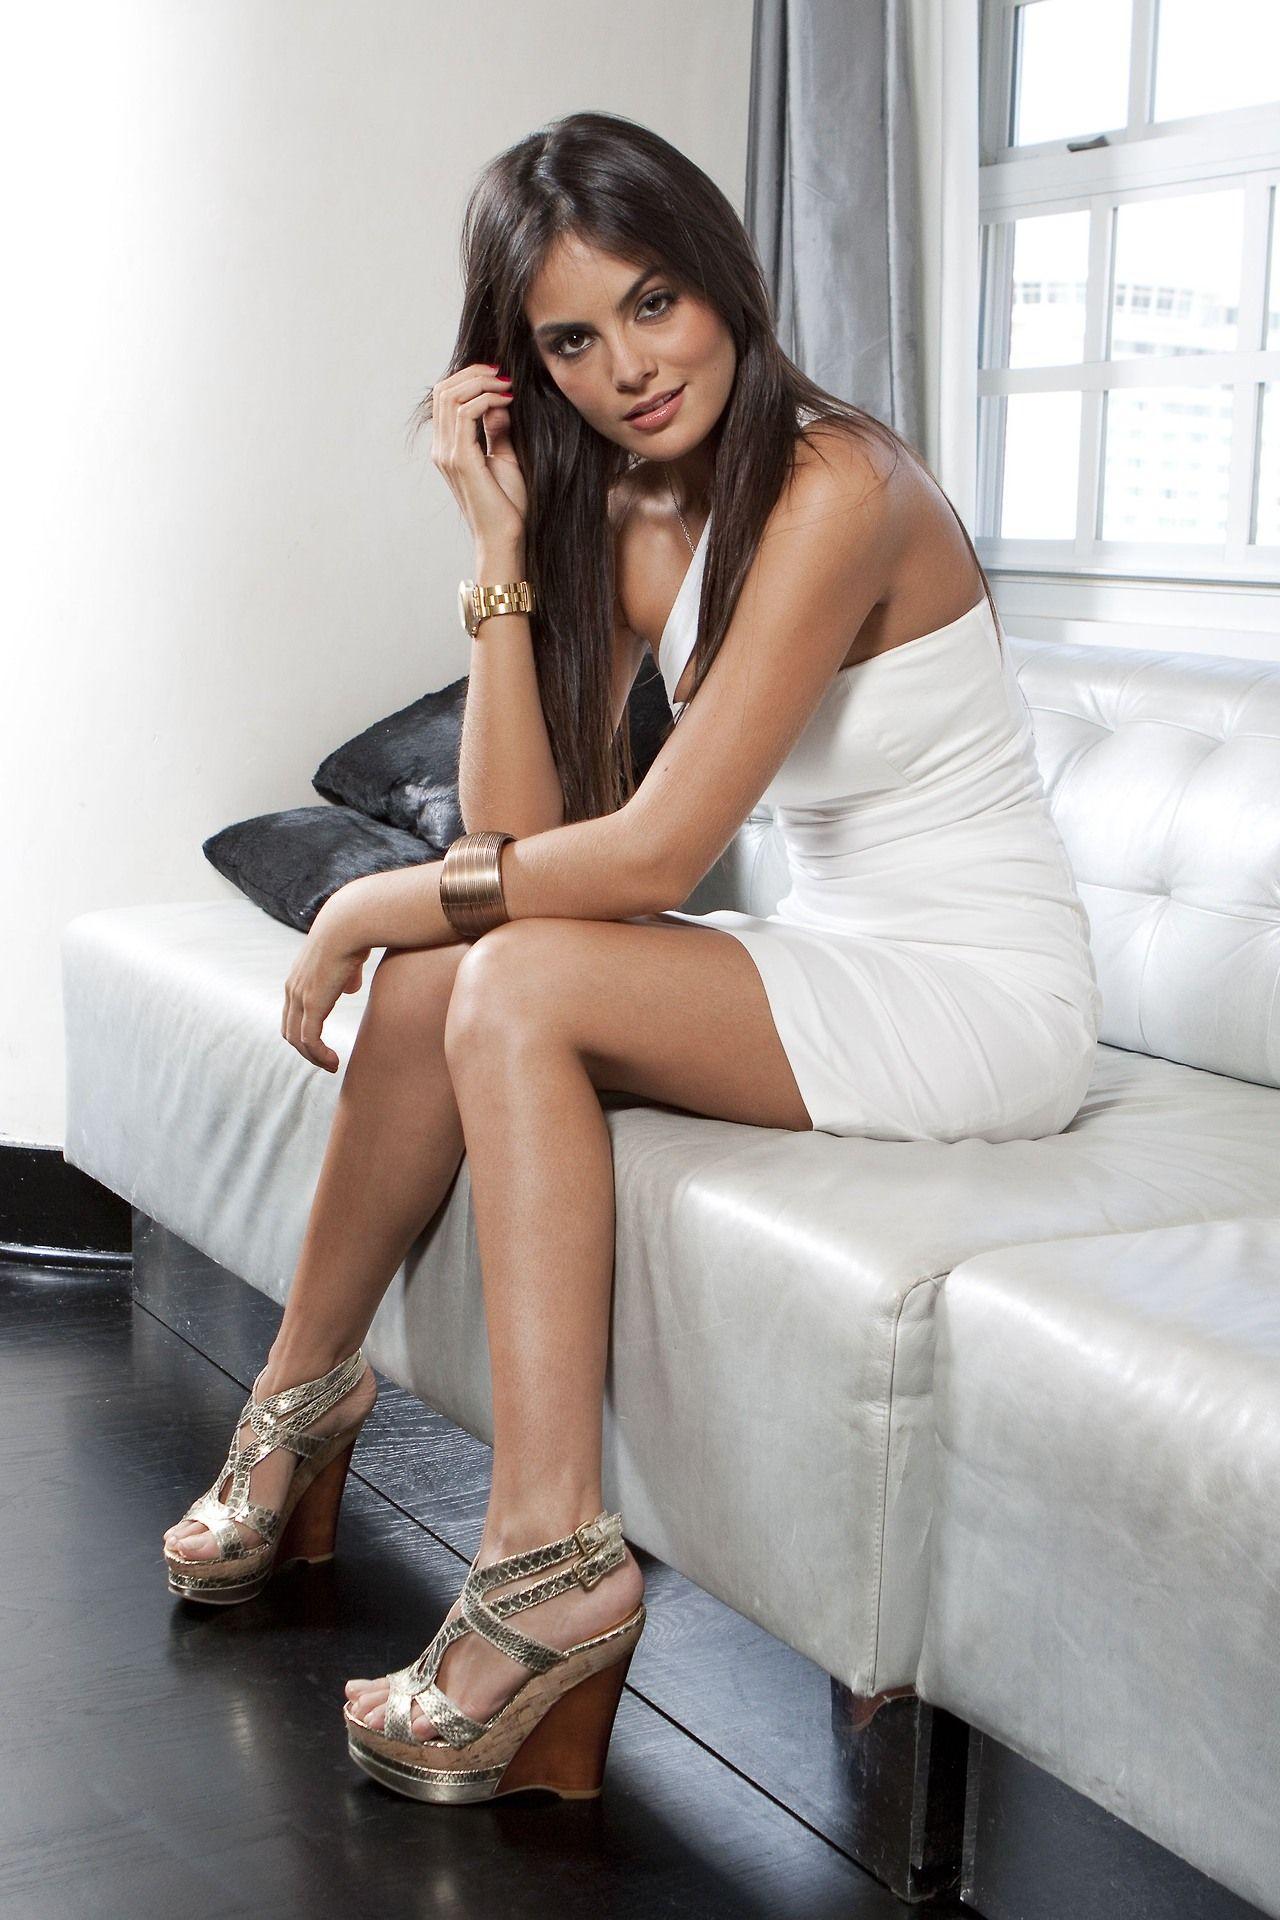 Latin beauties in high heels